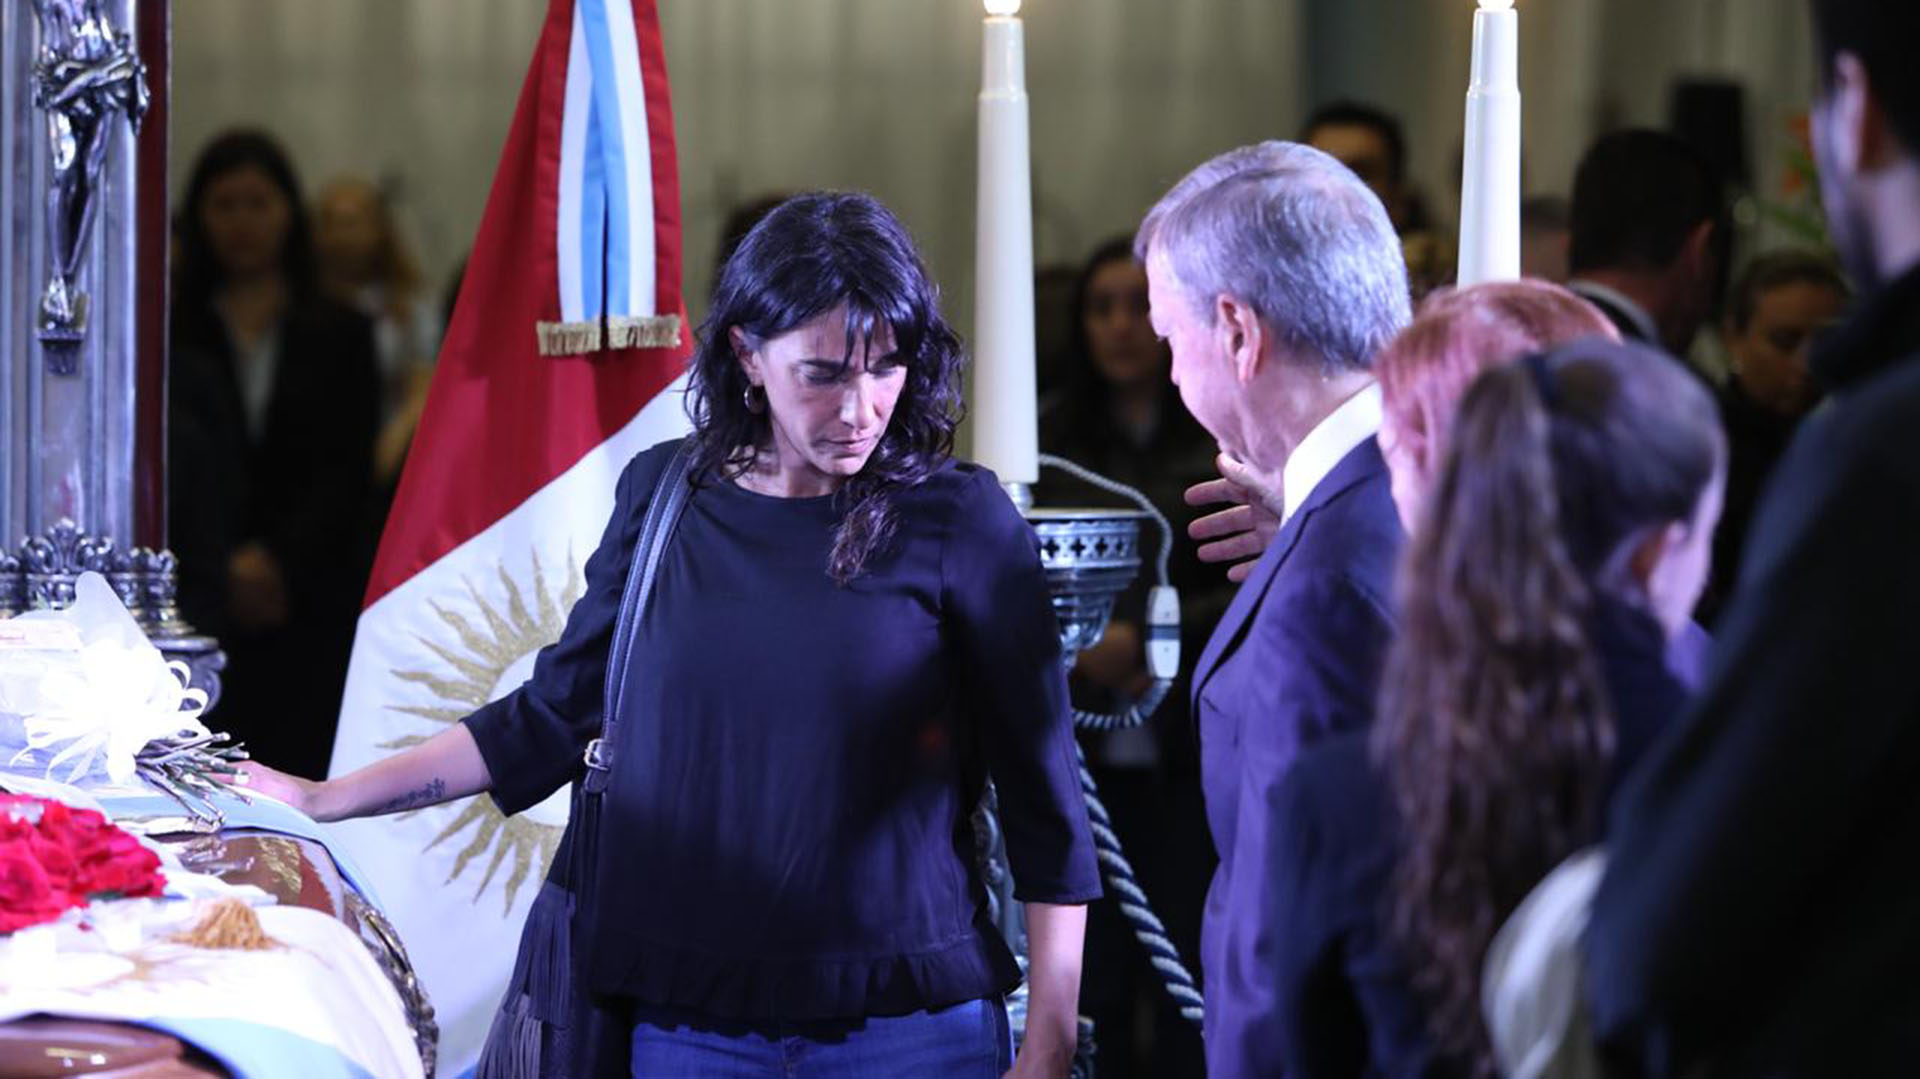 Los cordobeses pudieron dar su último adiós al ex gobernador hasta las 11 del lunes,cuando fue trasladado al cementerio de San Jerónimo